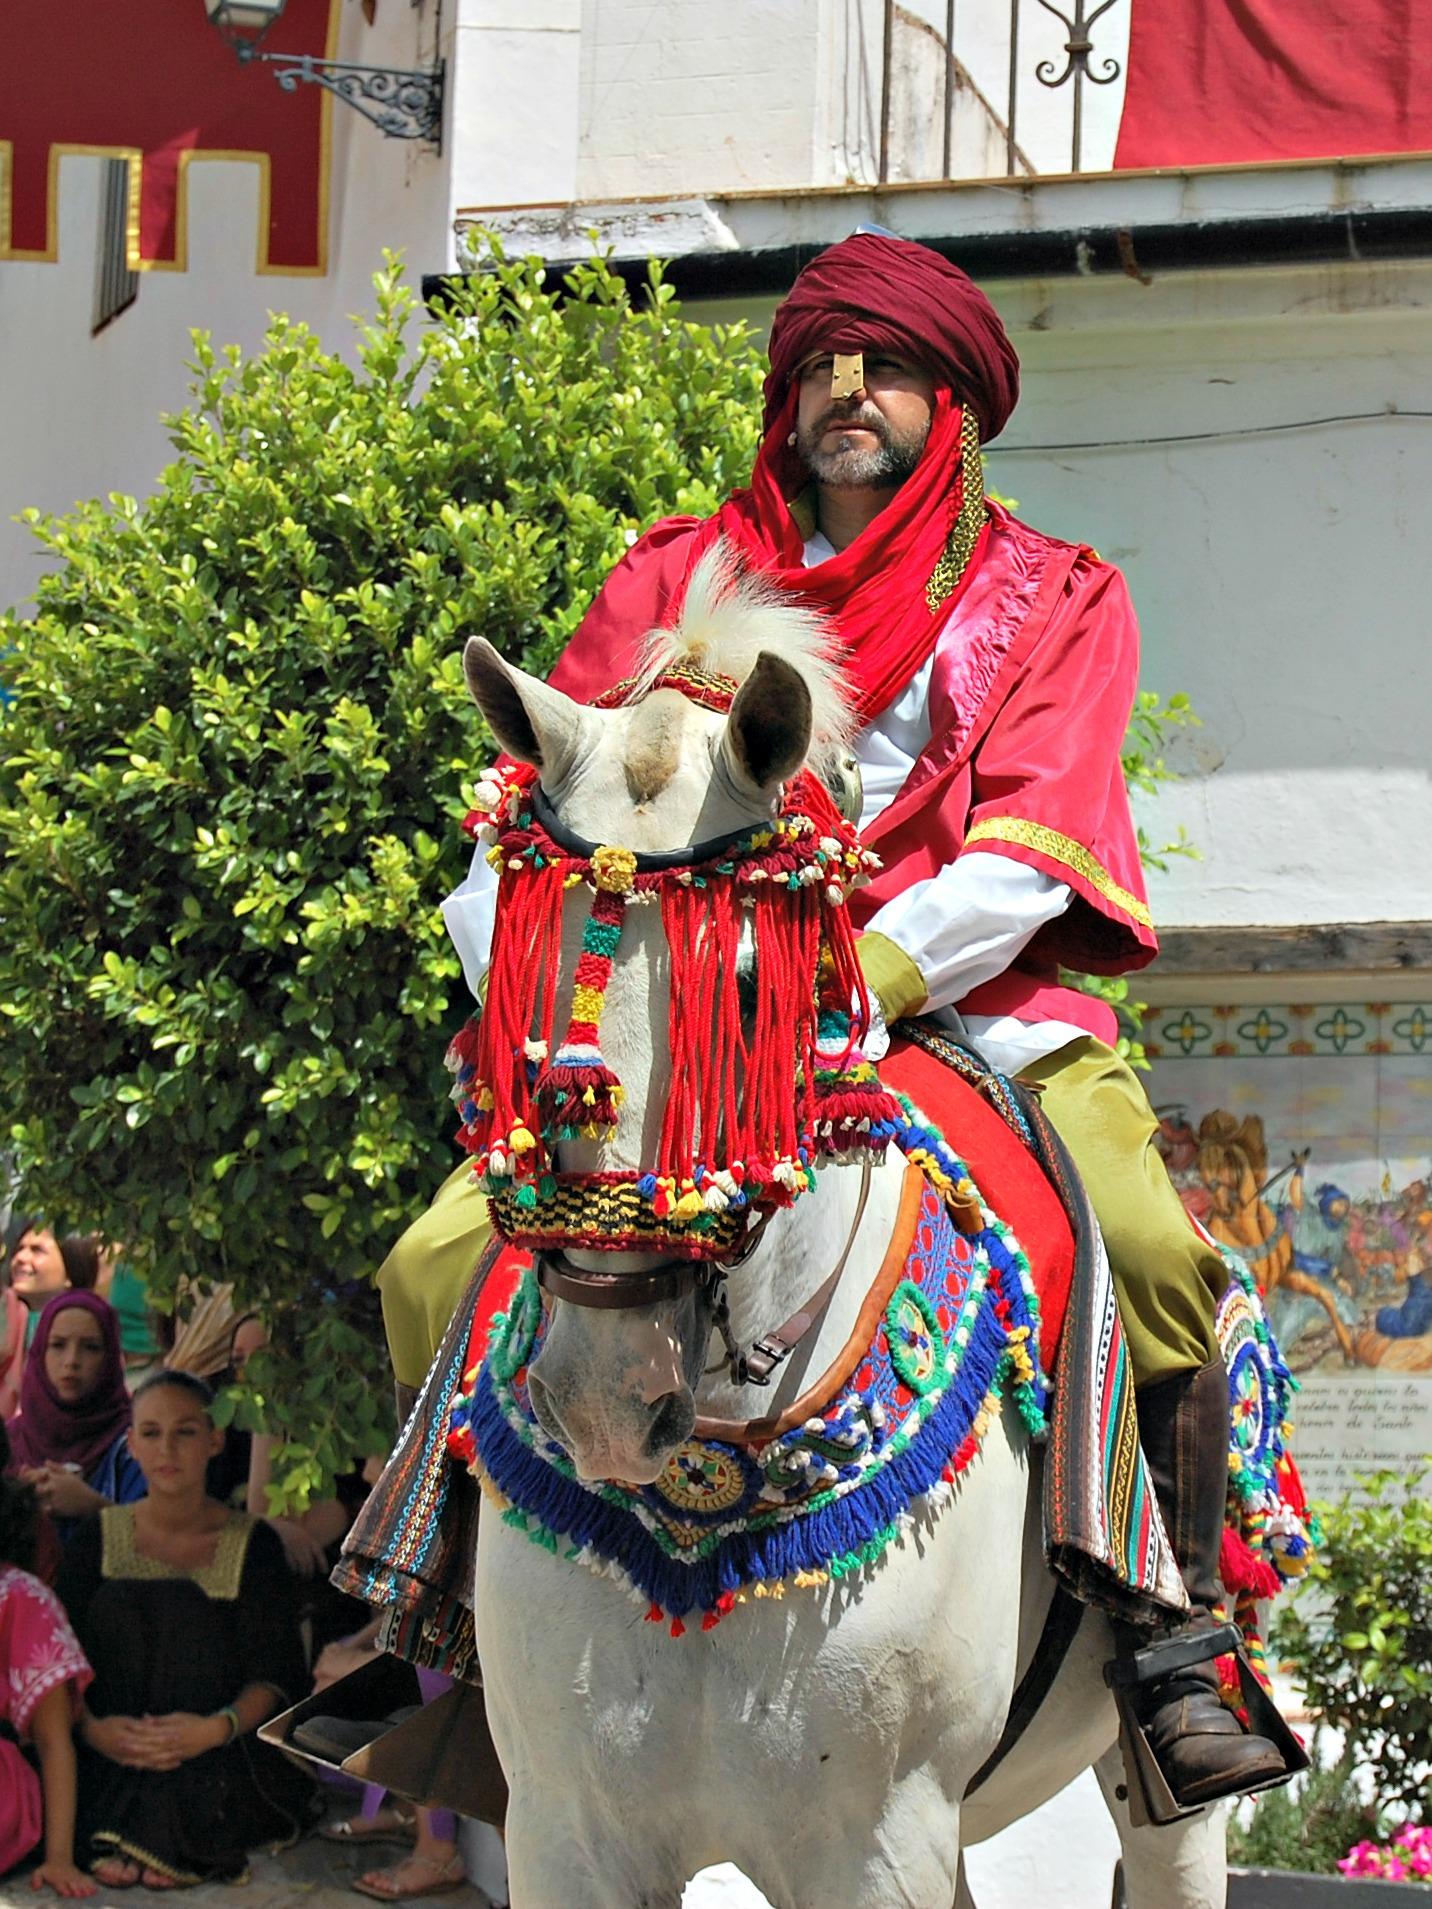 Hombre a caballo en Benalauría